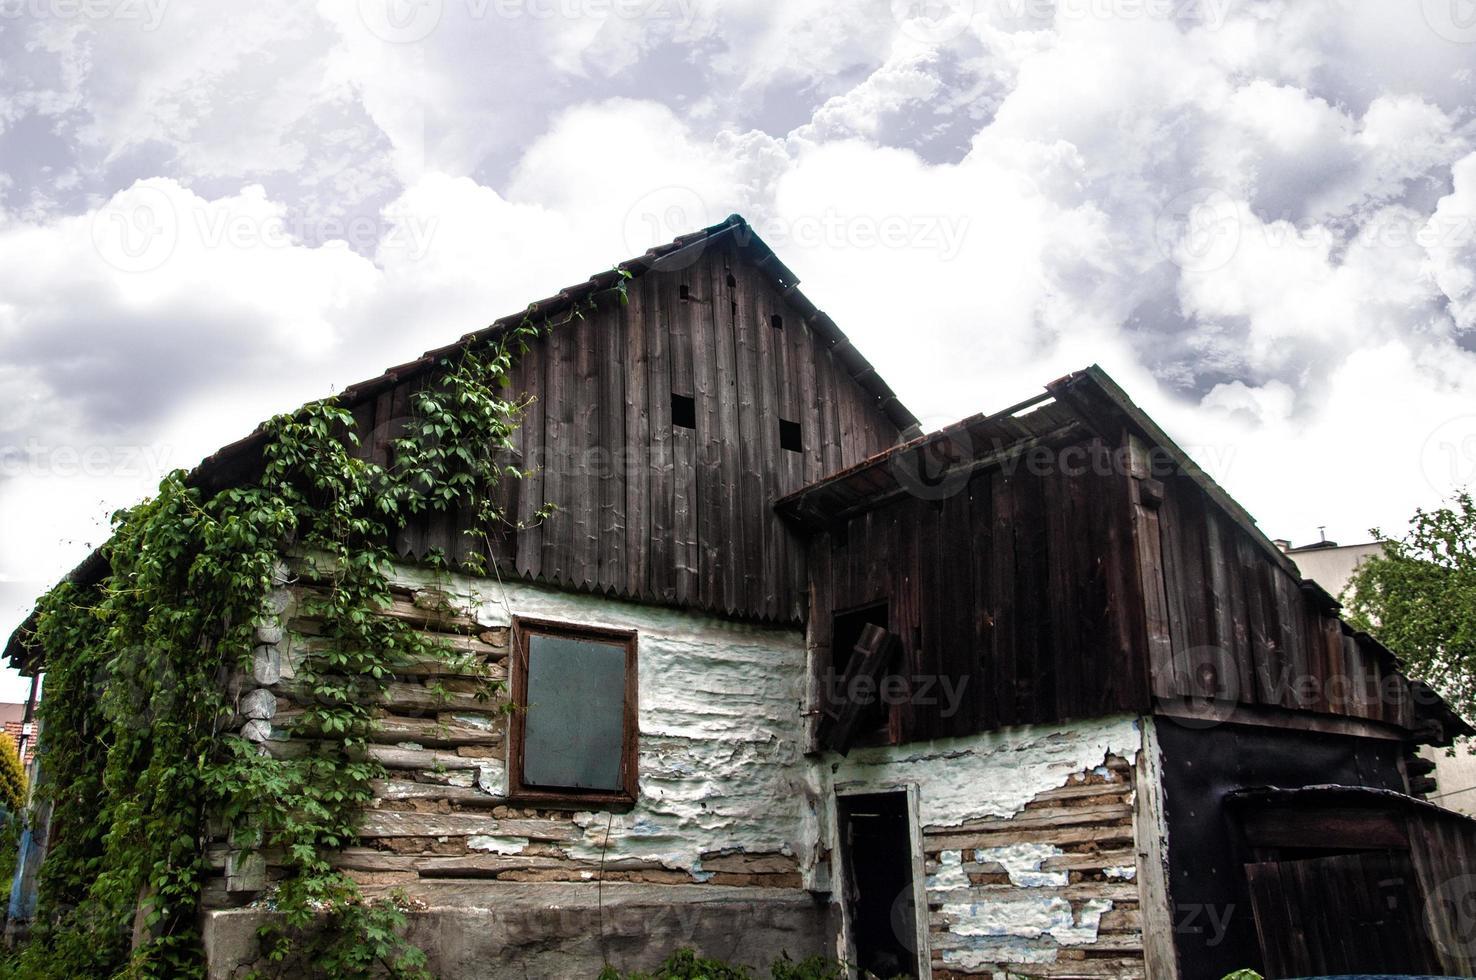 vecchia casa vuota foto